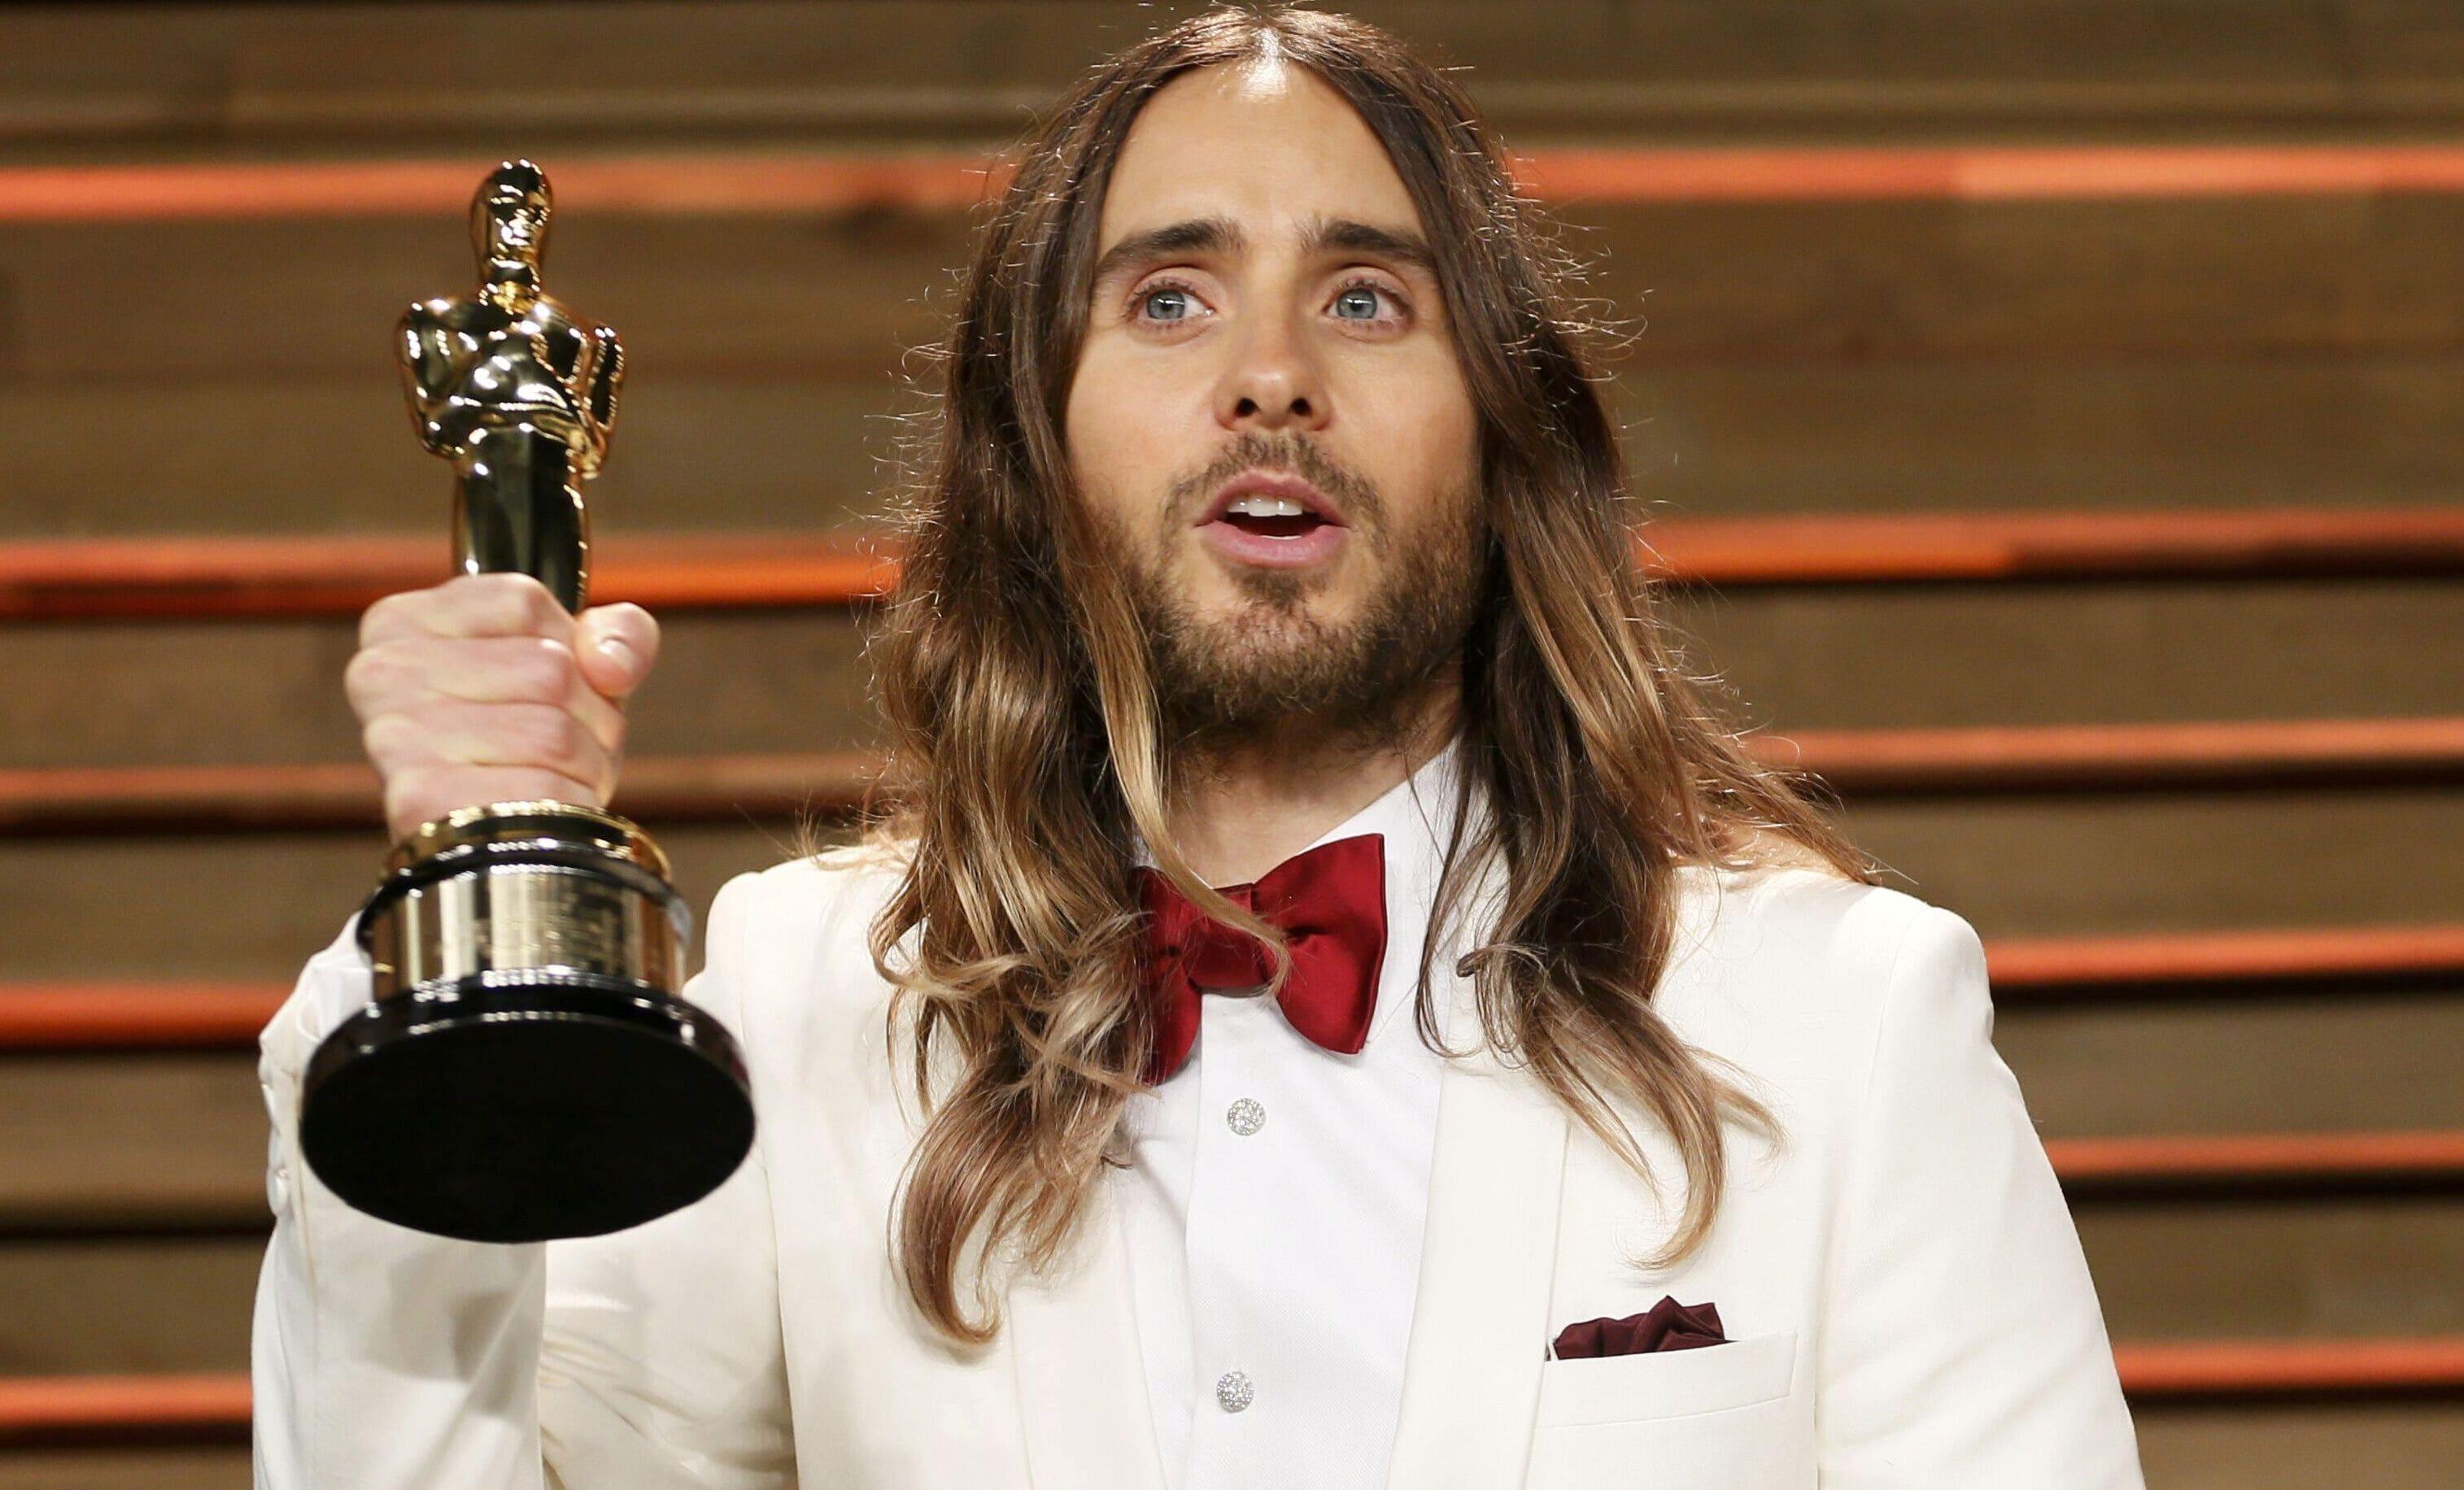 Джаред Лето признался, что потерял свой «Оскар»: «Надеюсь, кто-нибудь онем заботится»